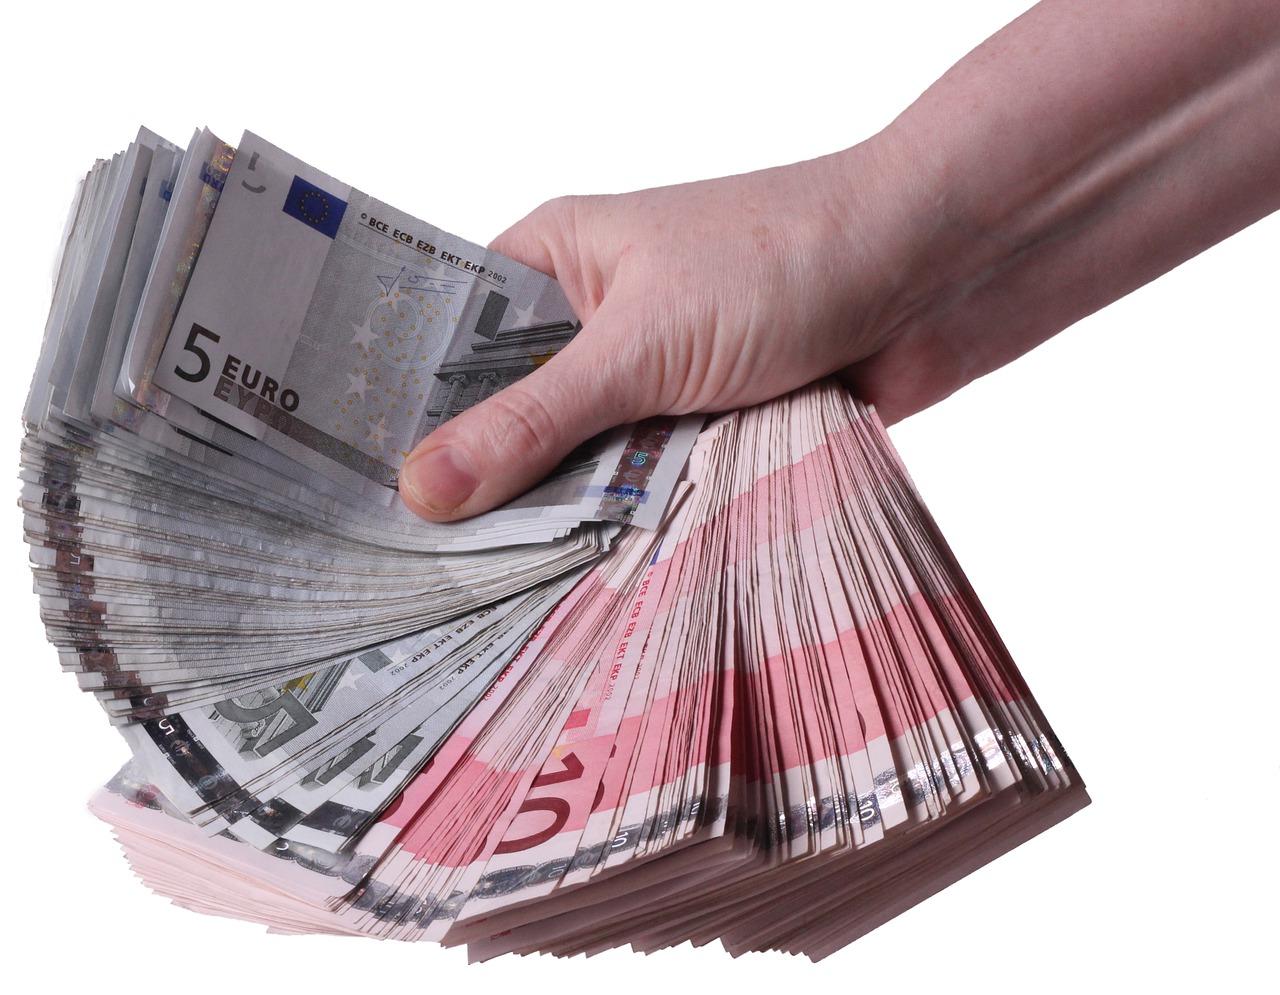 eurobankovky v ruce